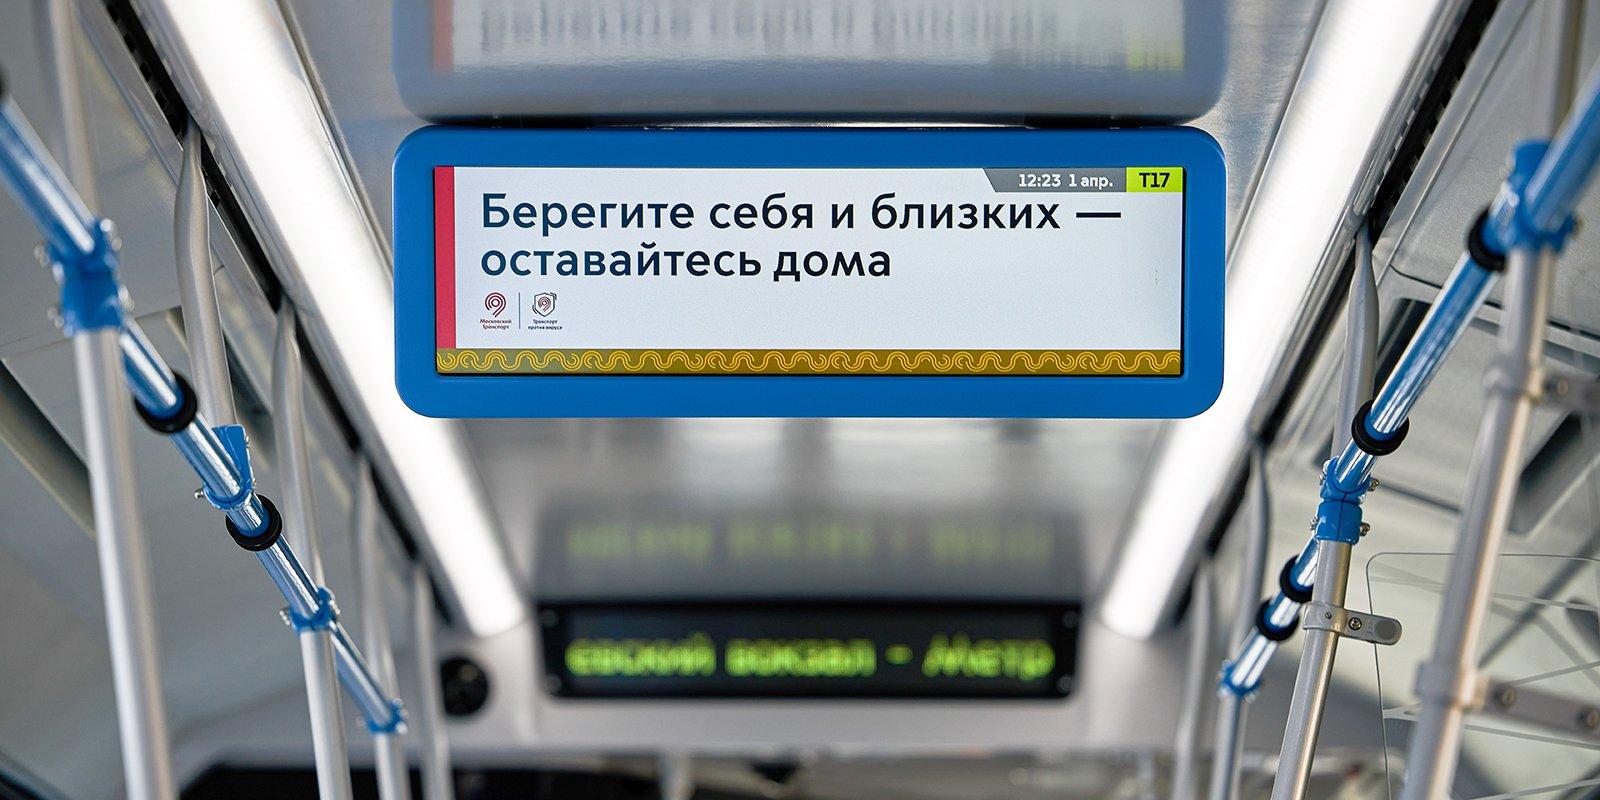 Фото: mos.ru. Максим Денисов